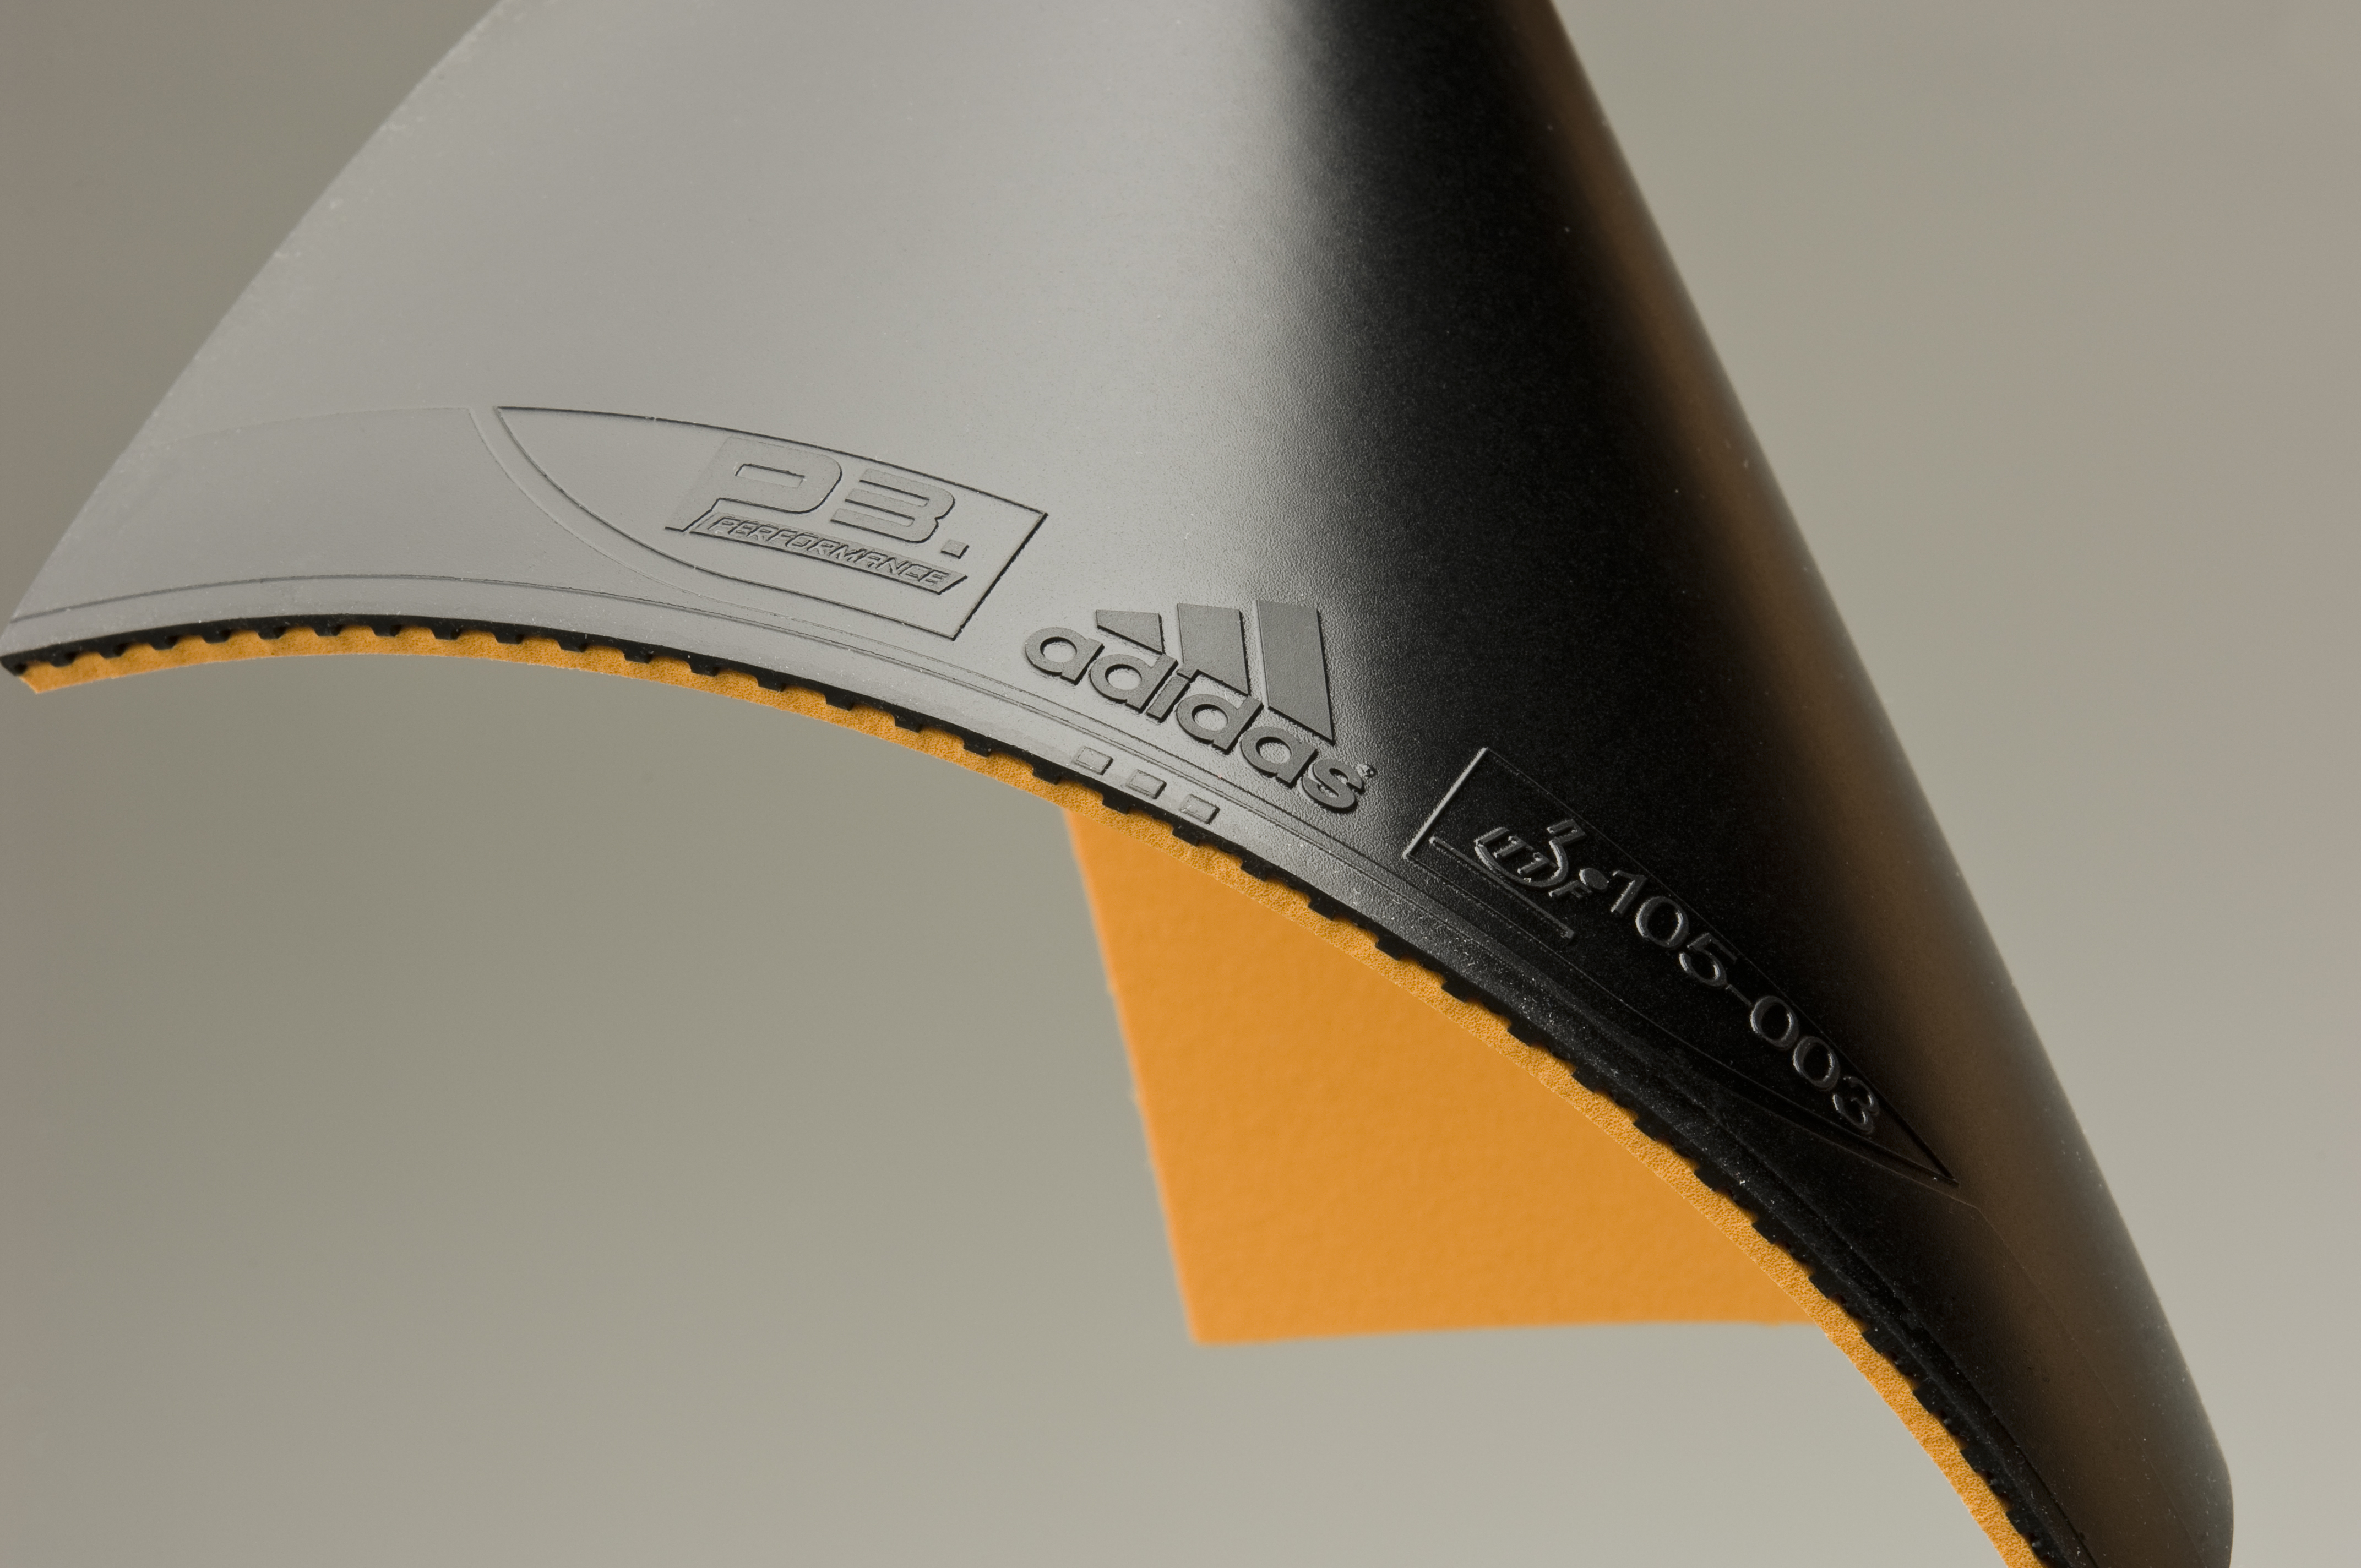 Adidas P3 Performence - Tischtennis Belag